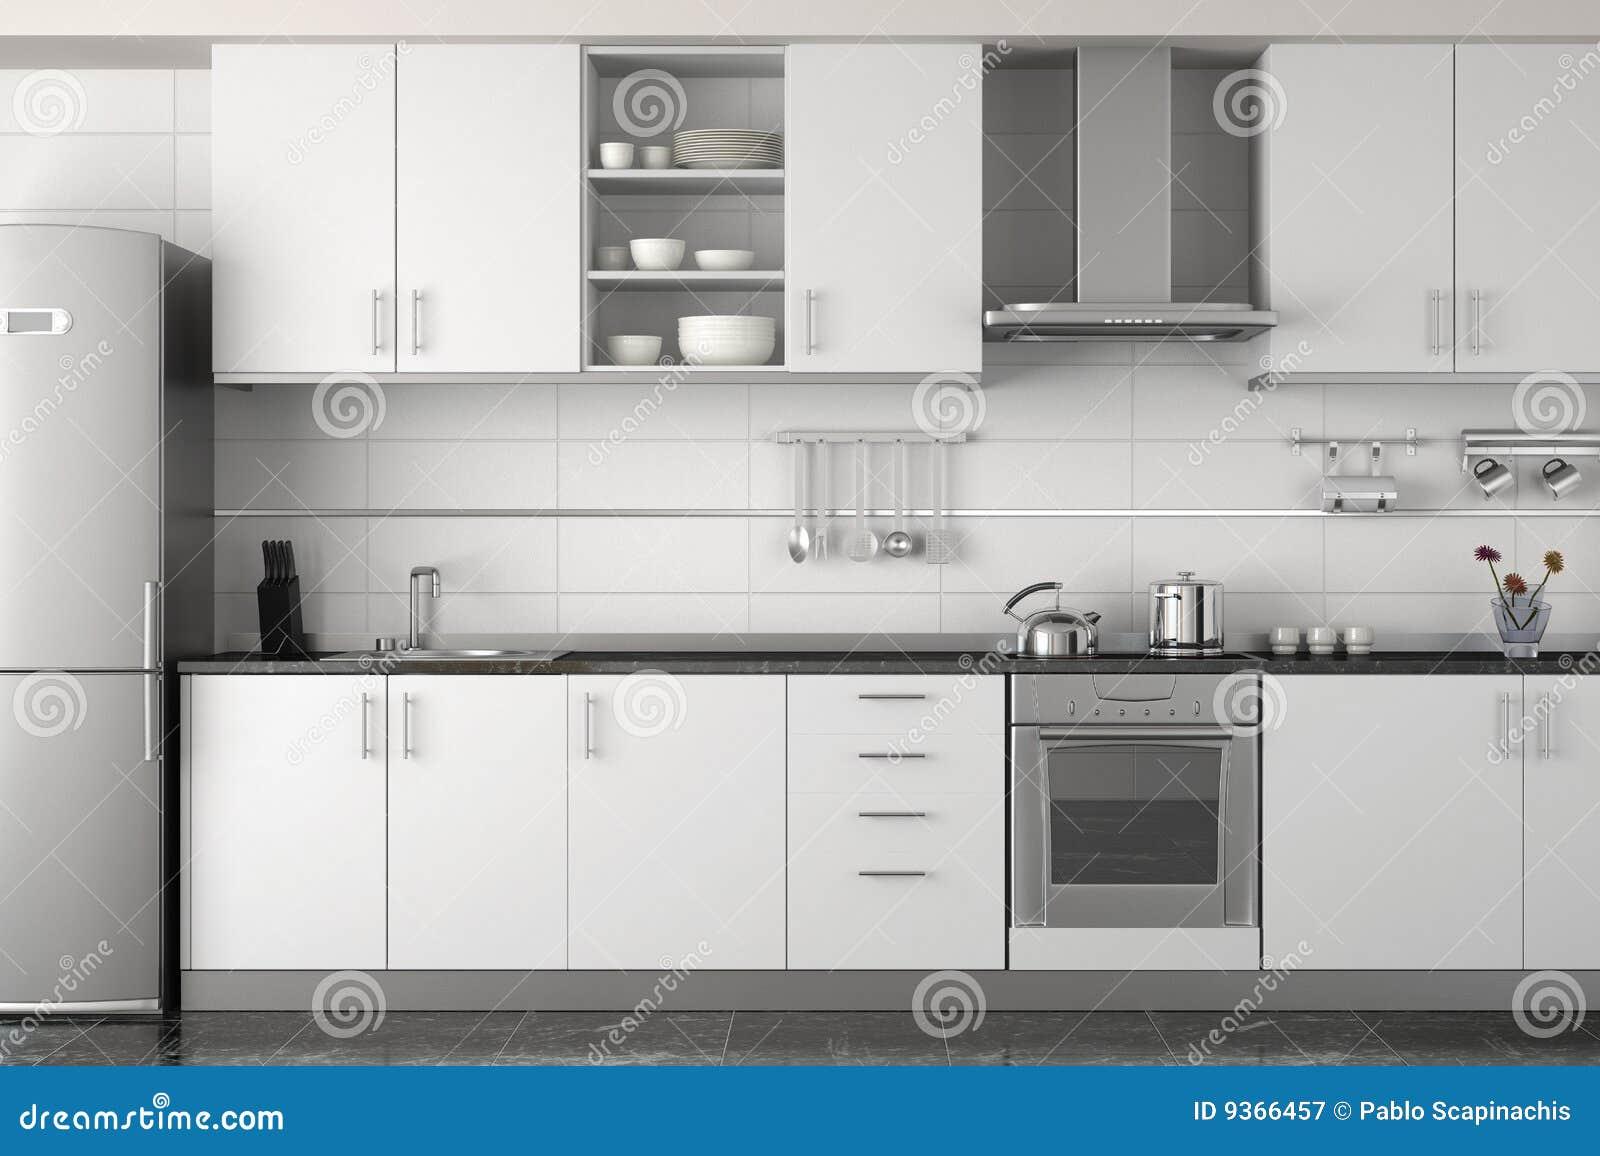 Diseño Interior De Cocina Blanca Moderna Stock de ...